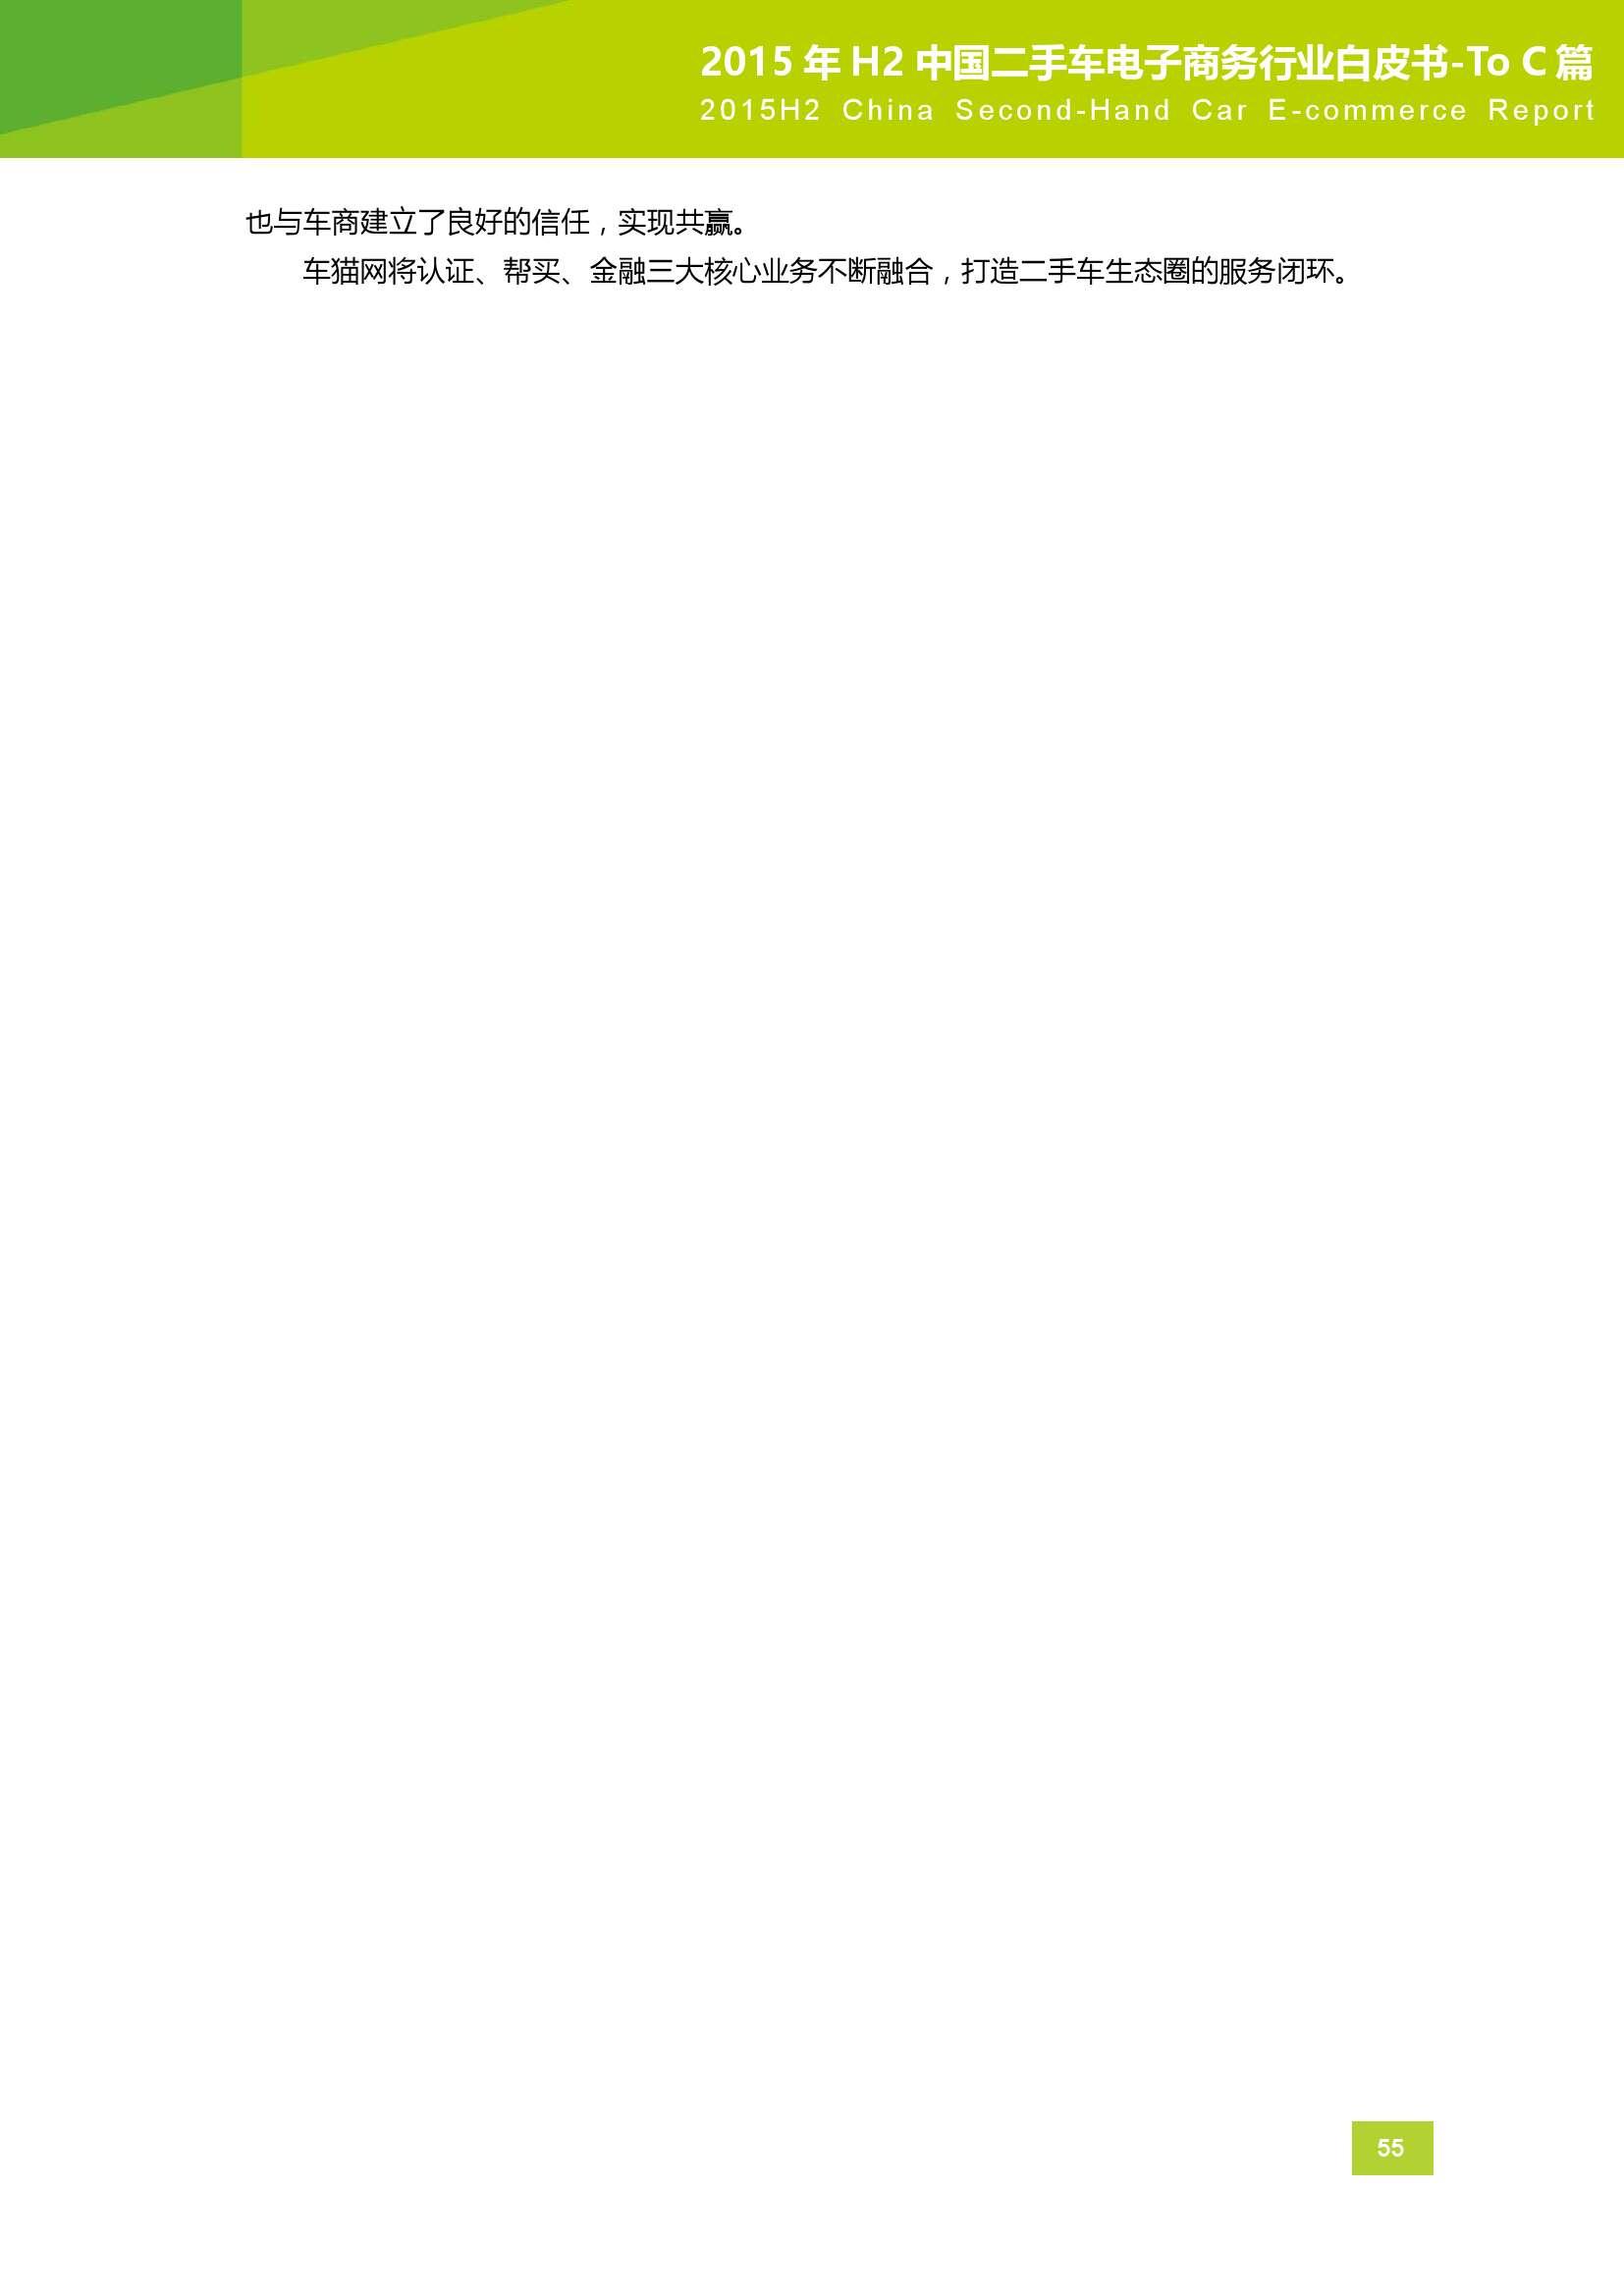 2015年H2中国二手车电子商务行业白皮书_000055